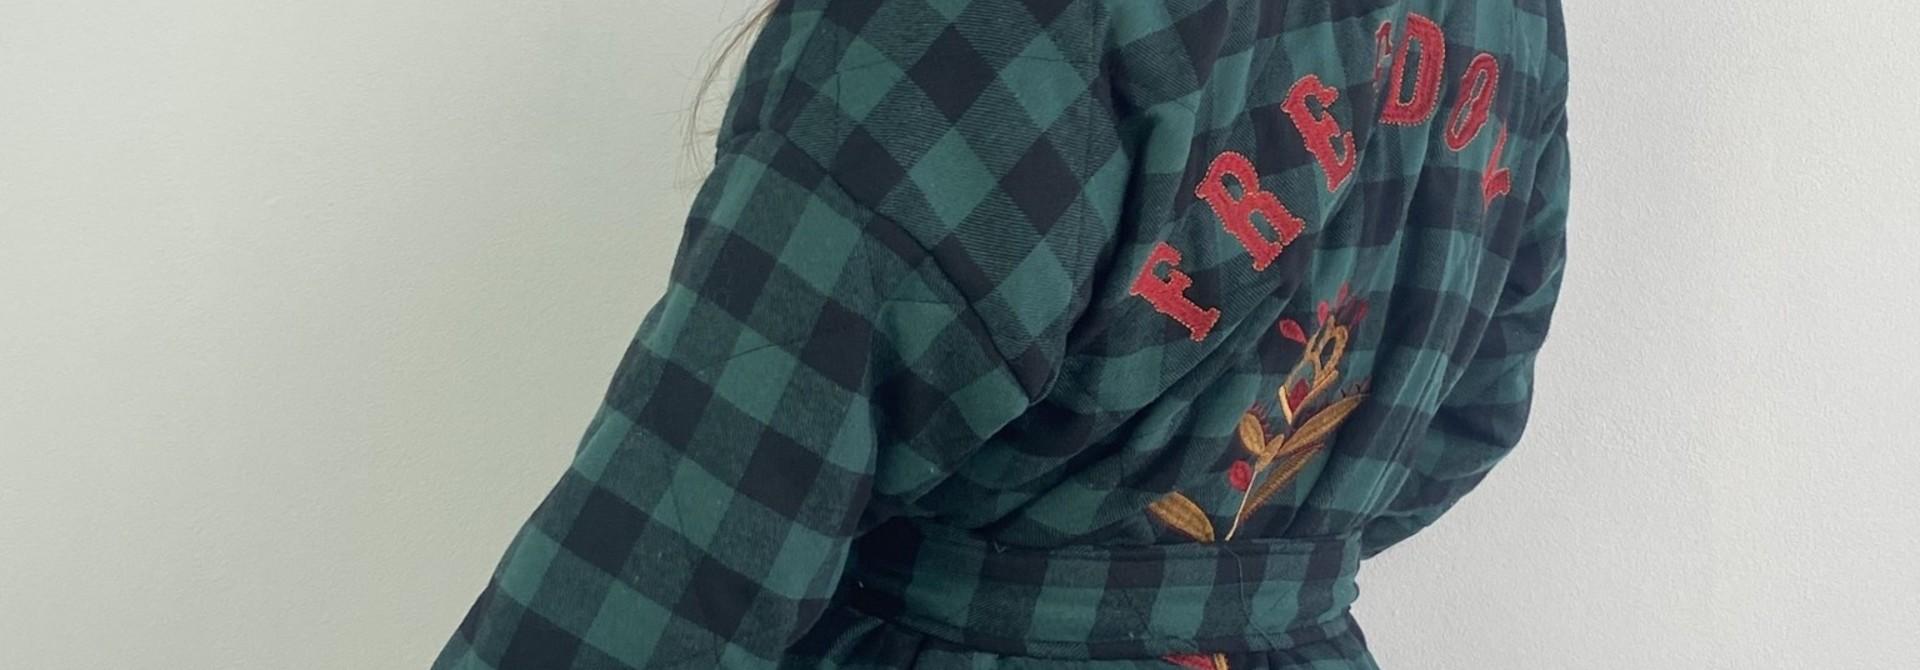 Toya padded kimono blazer Green Check